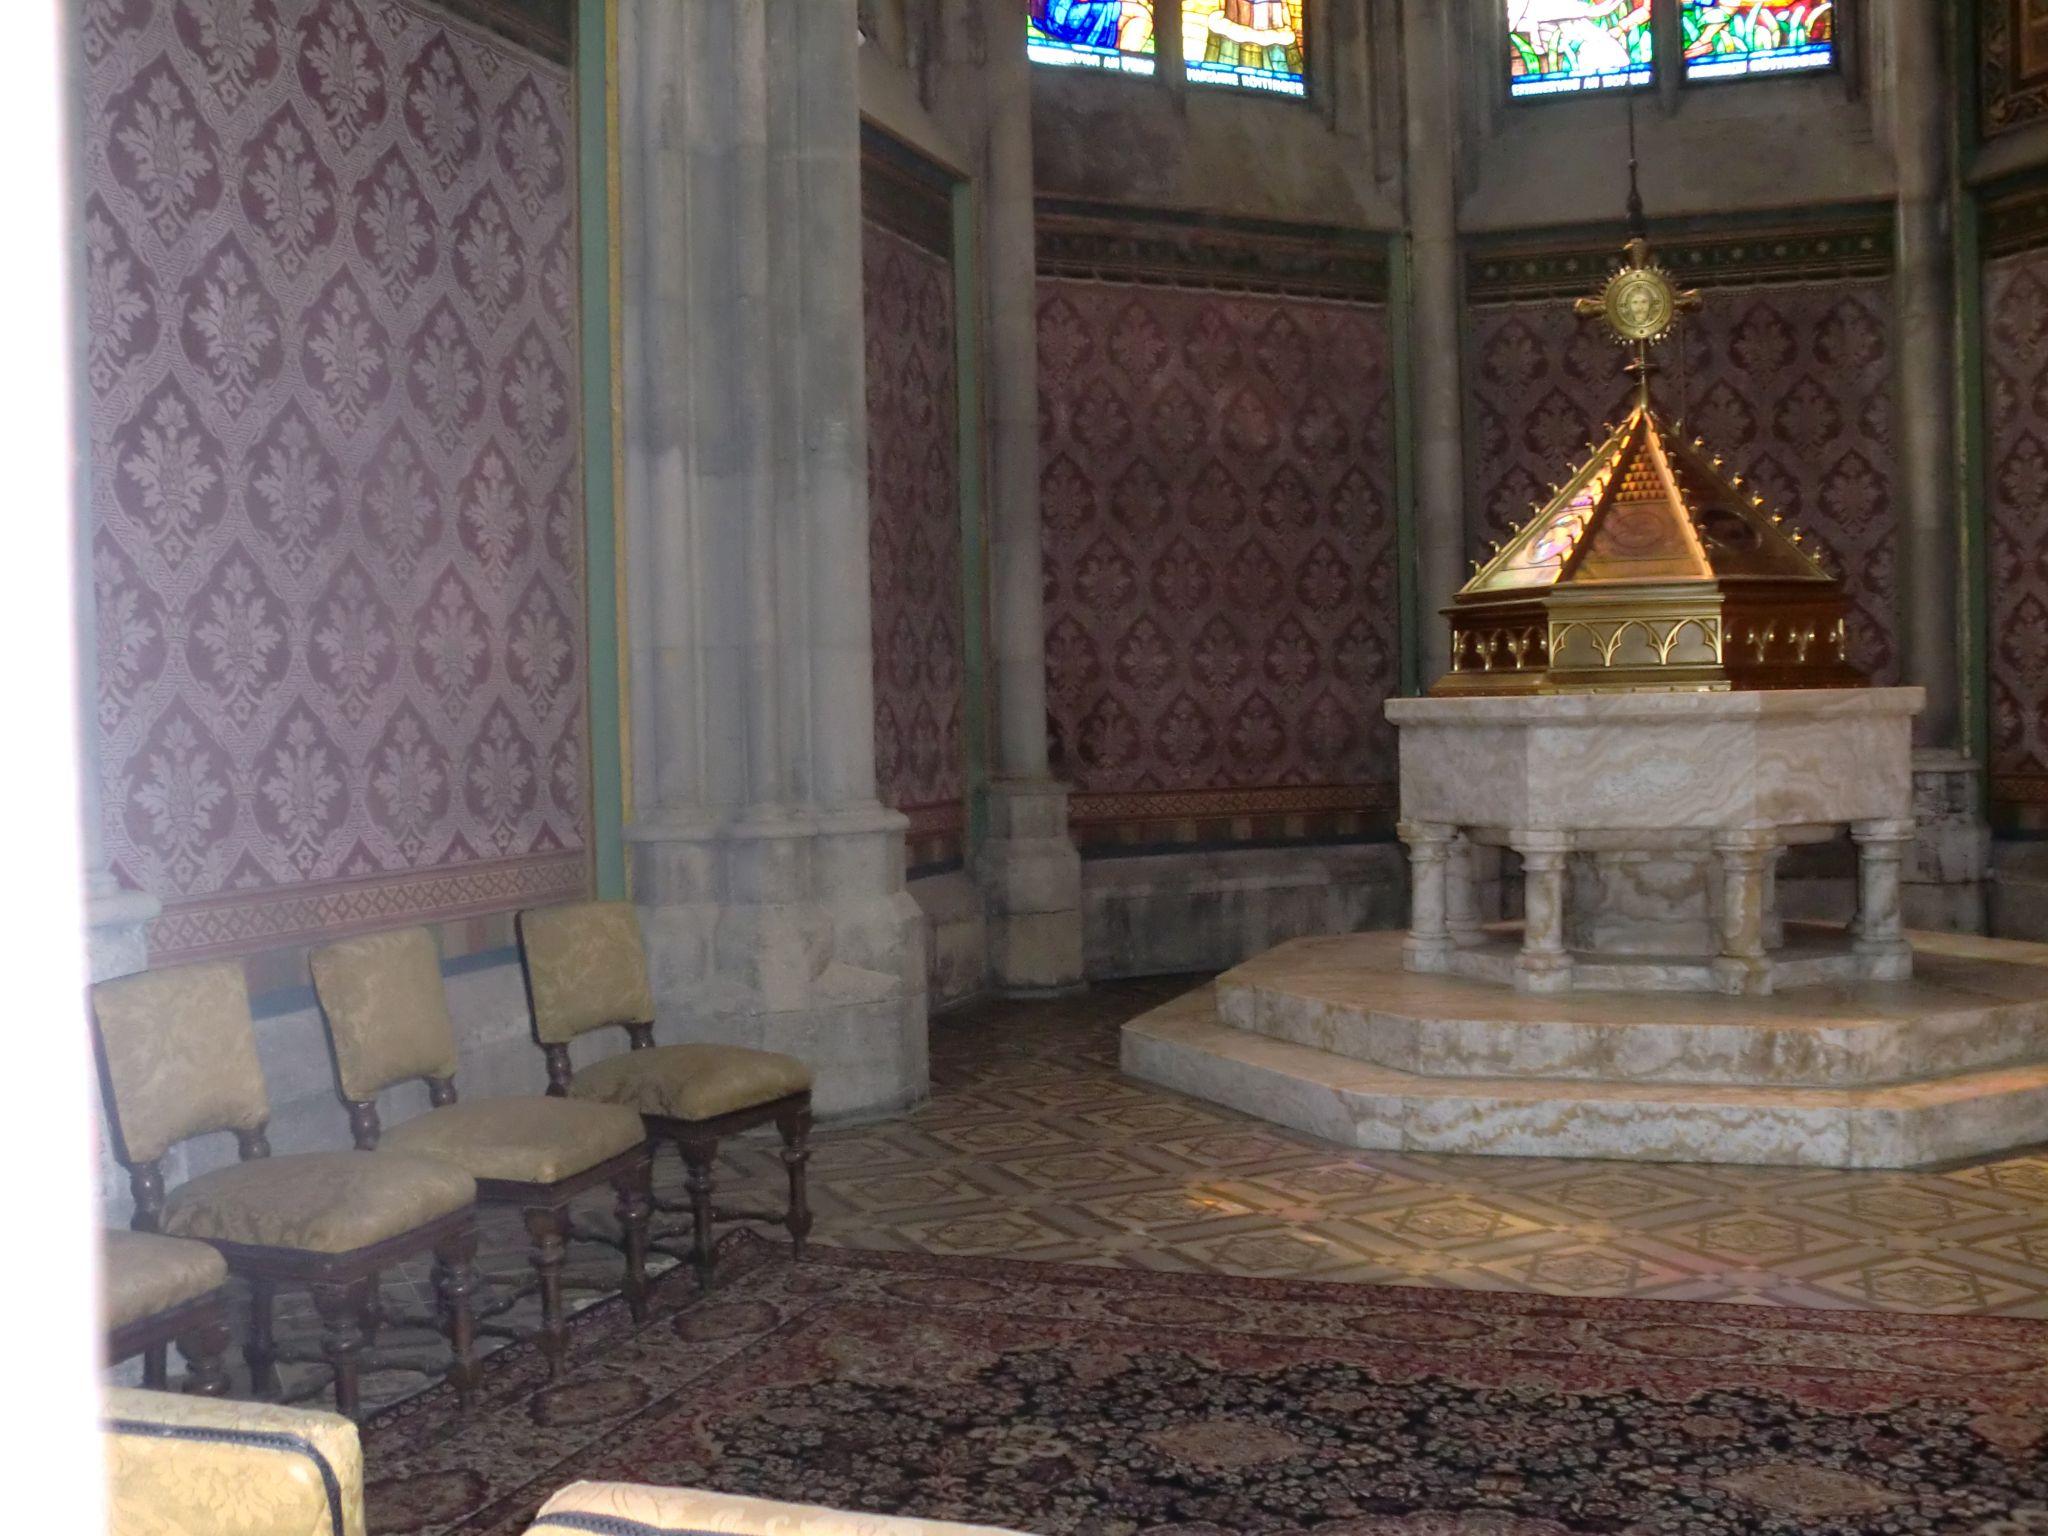 Vienna cathedral 22 1440x1080 - Vienna: elegant beauty